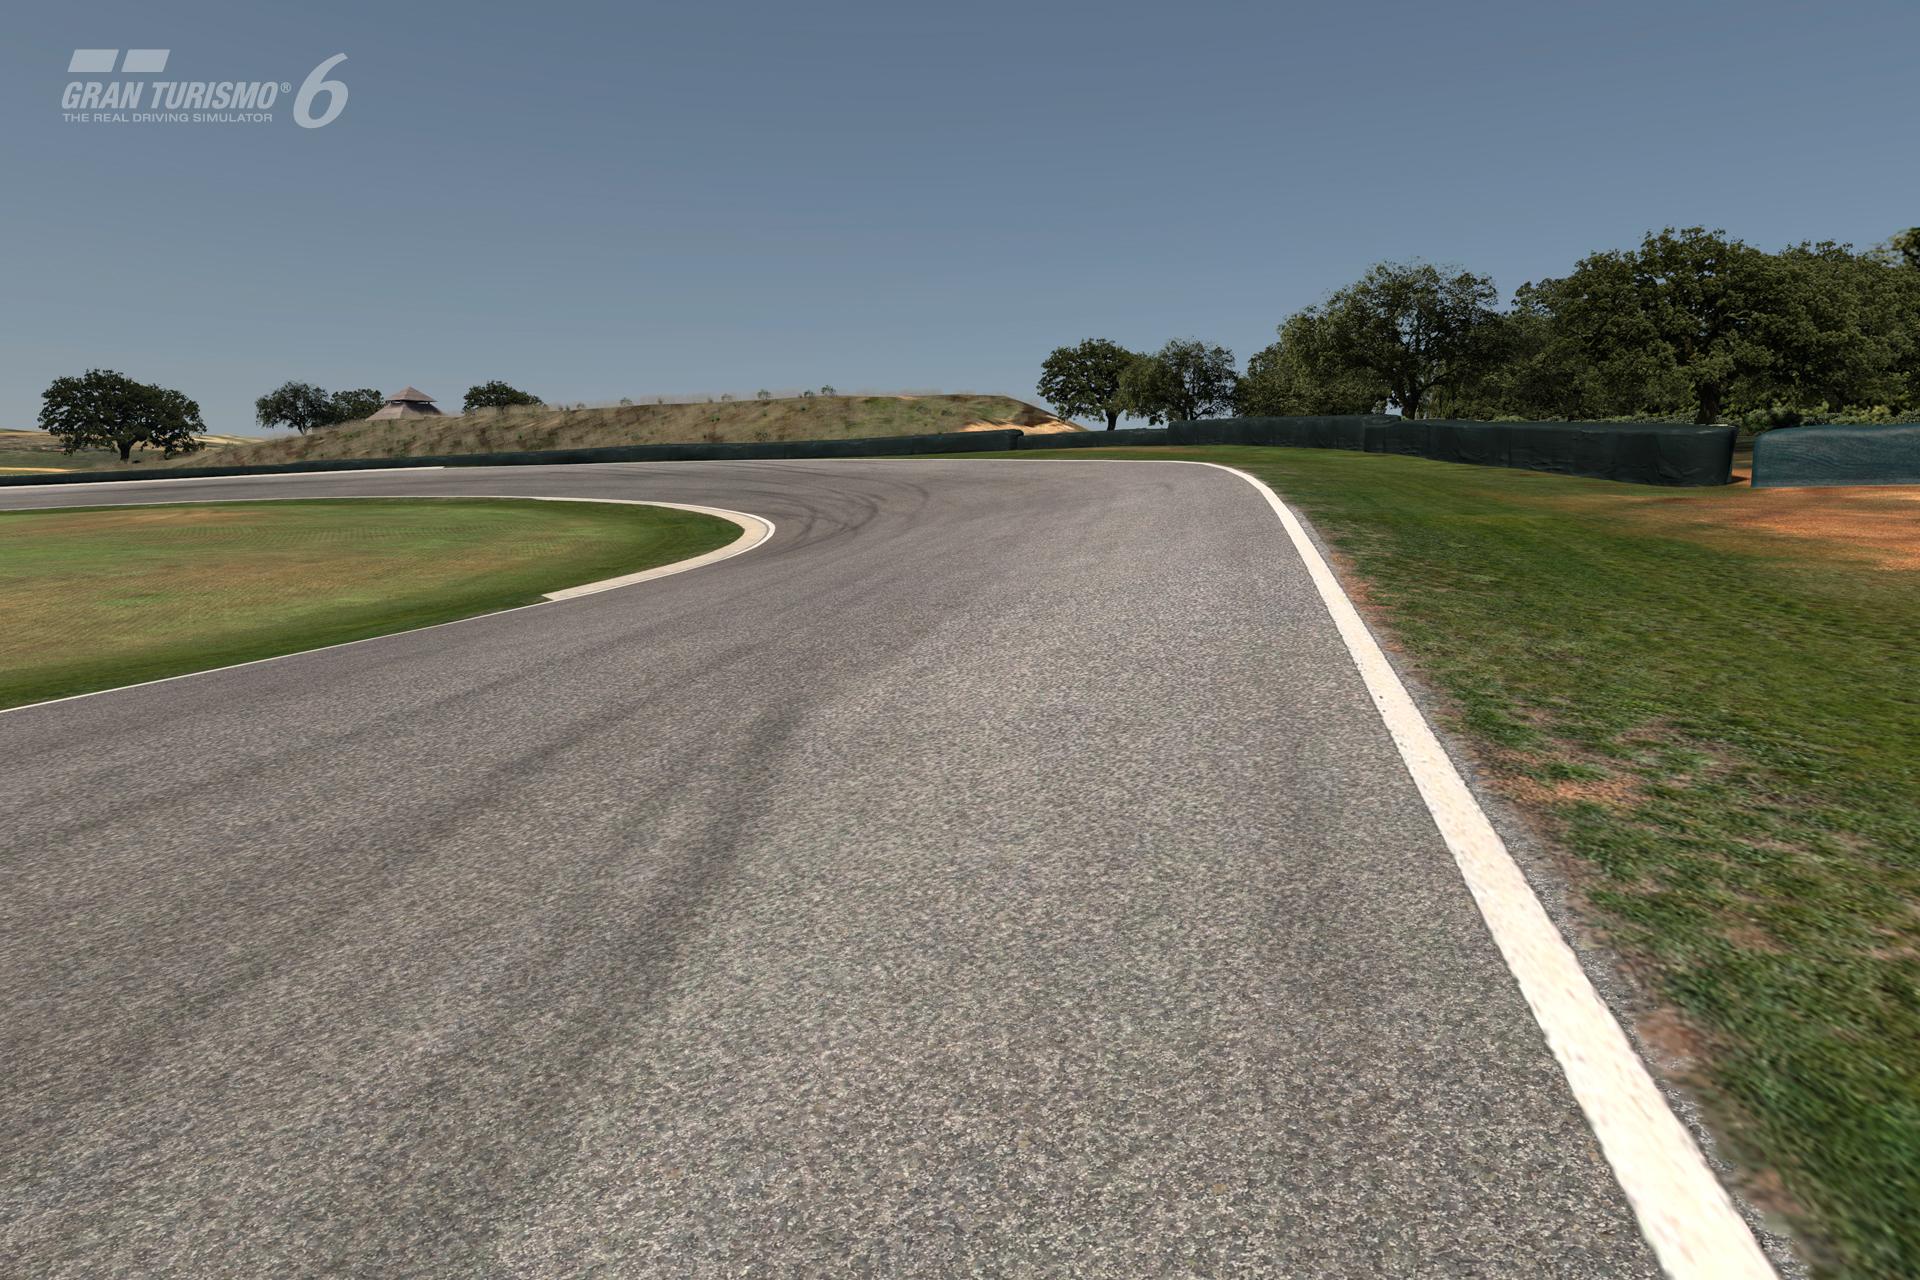 Foto de Comparativa Ronda y Ascari en Gran Turismo 6 (5/26)